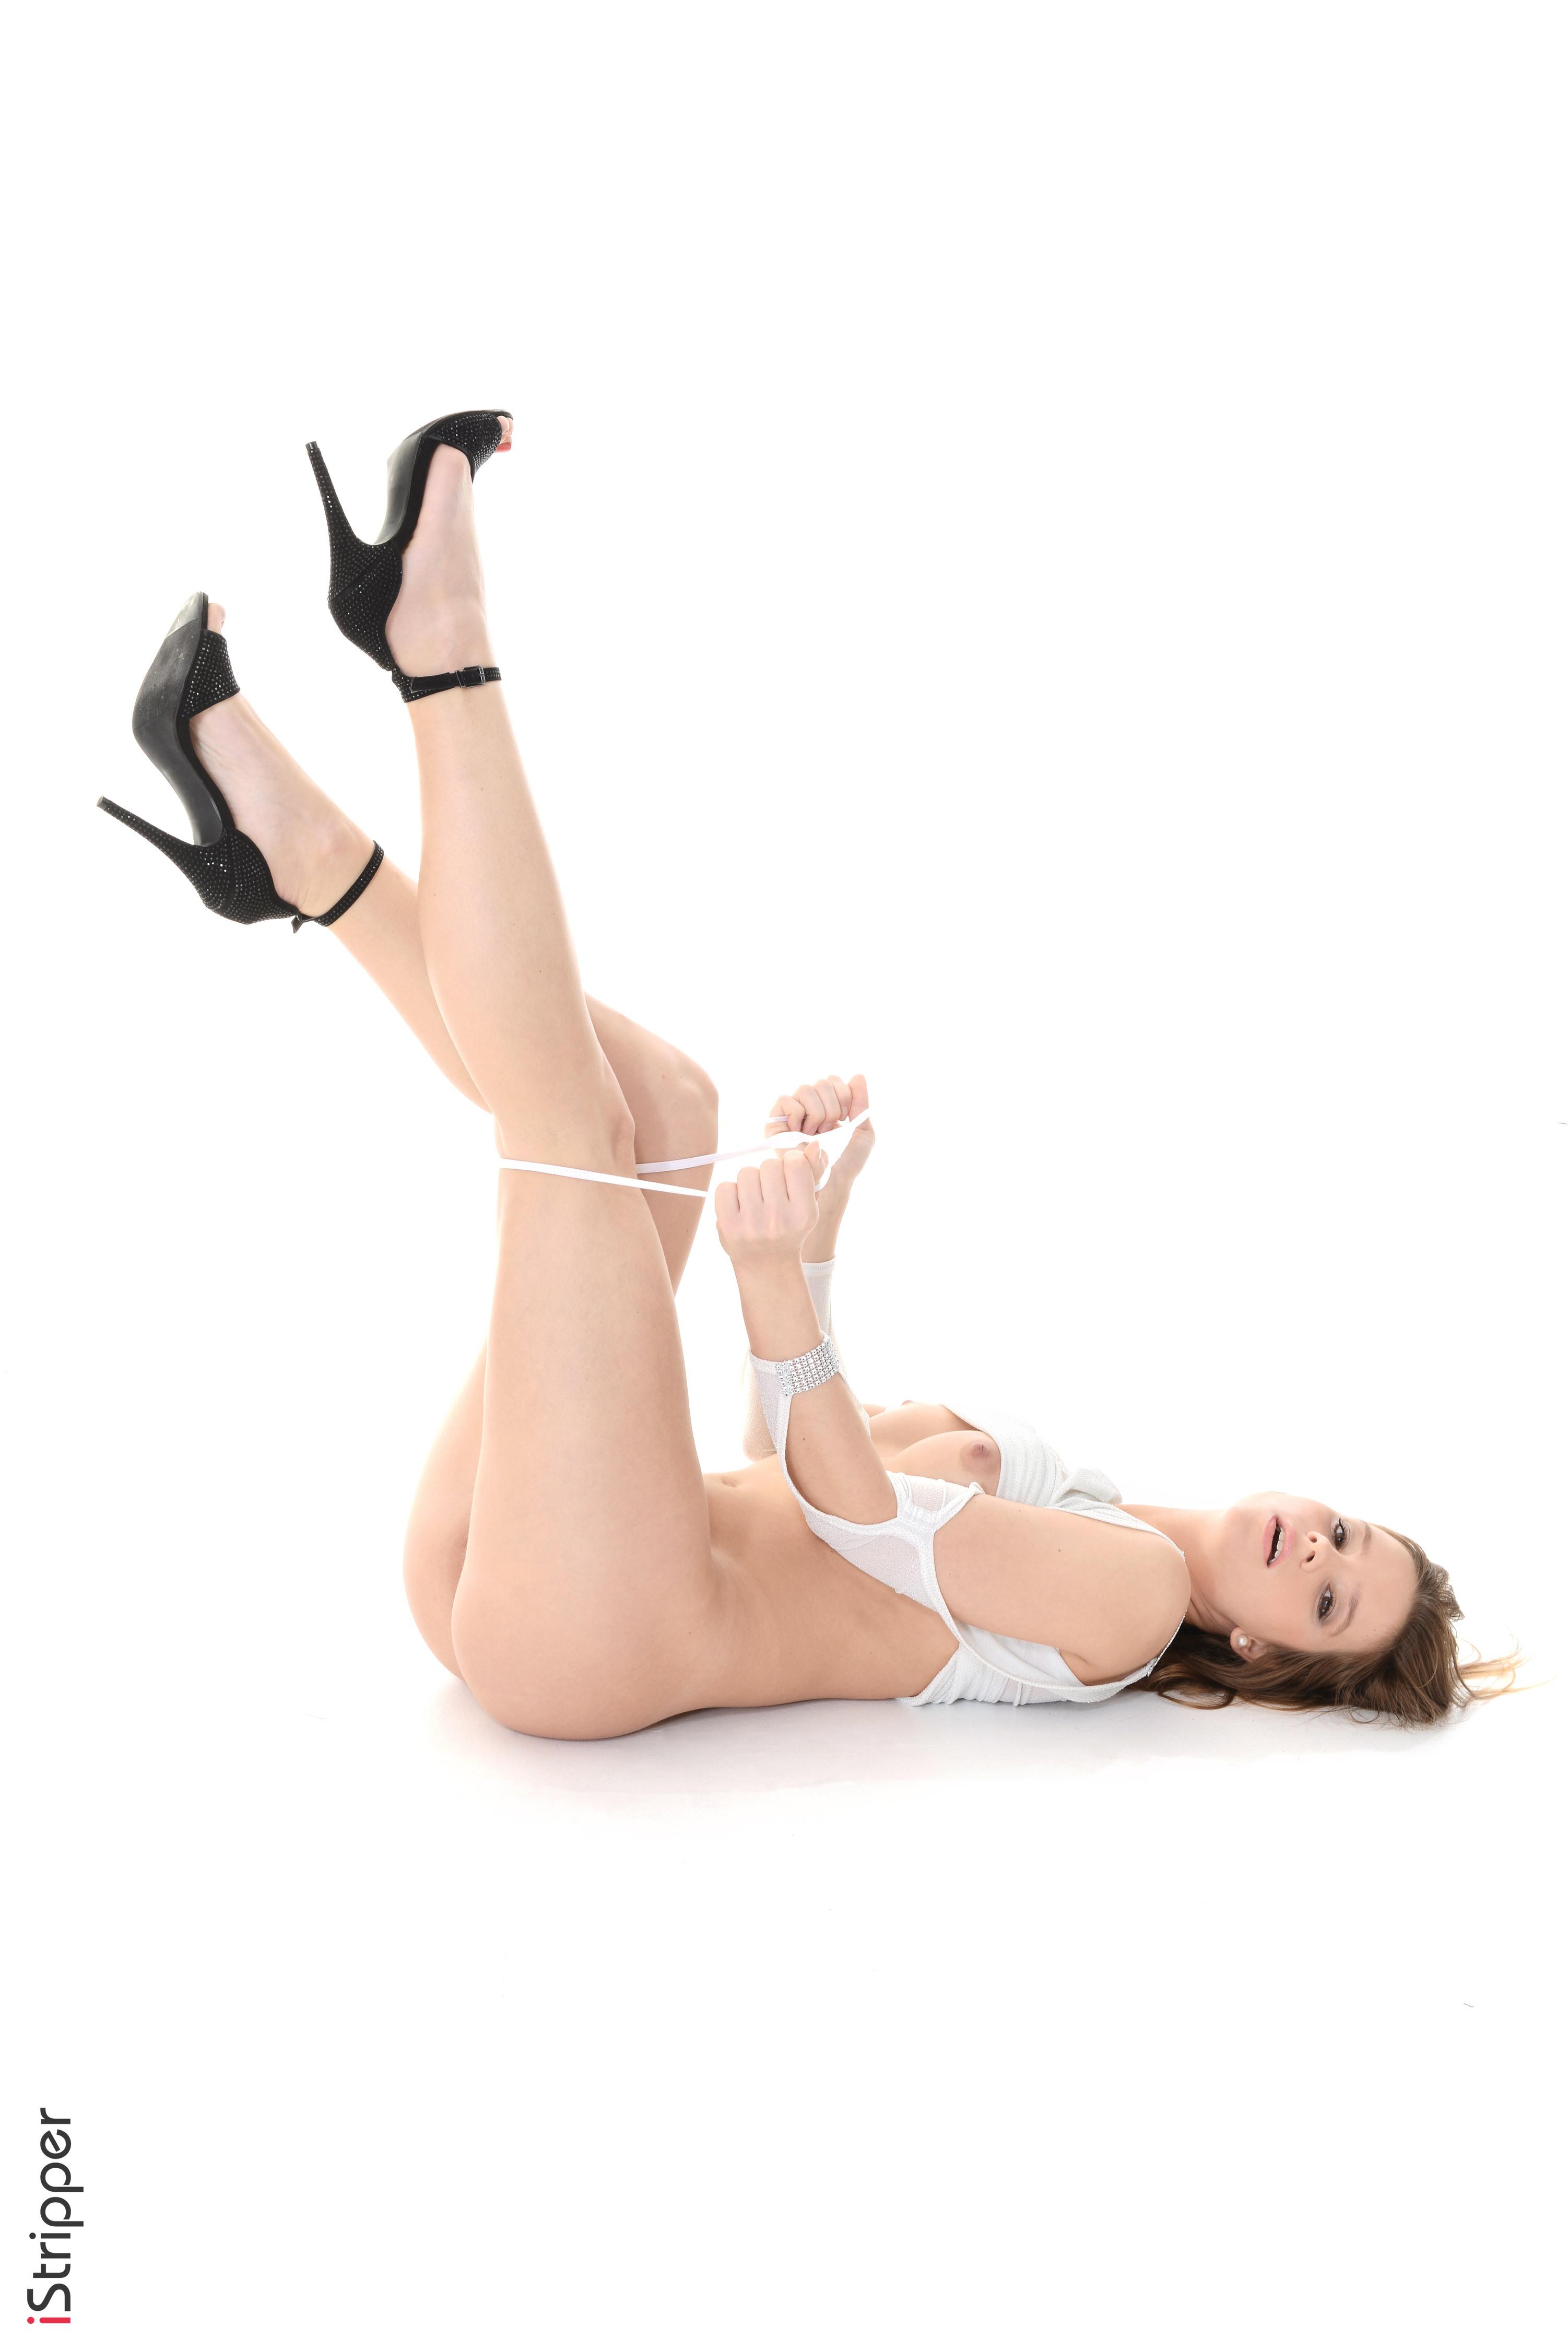 girls stripping for money